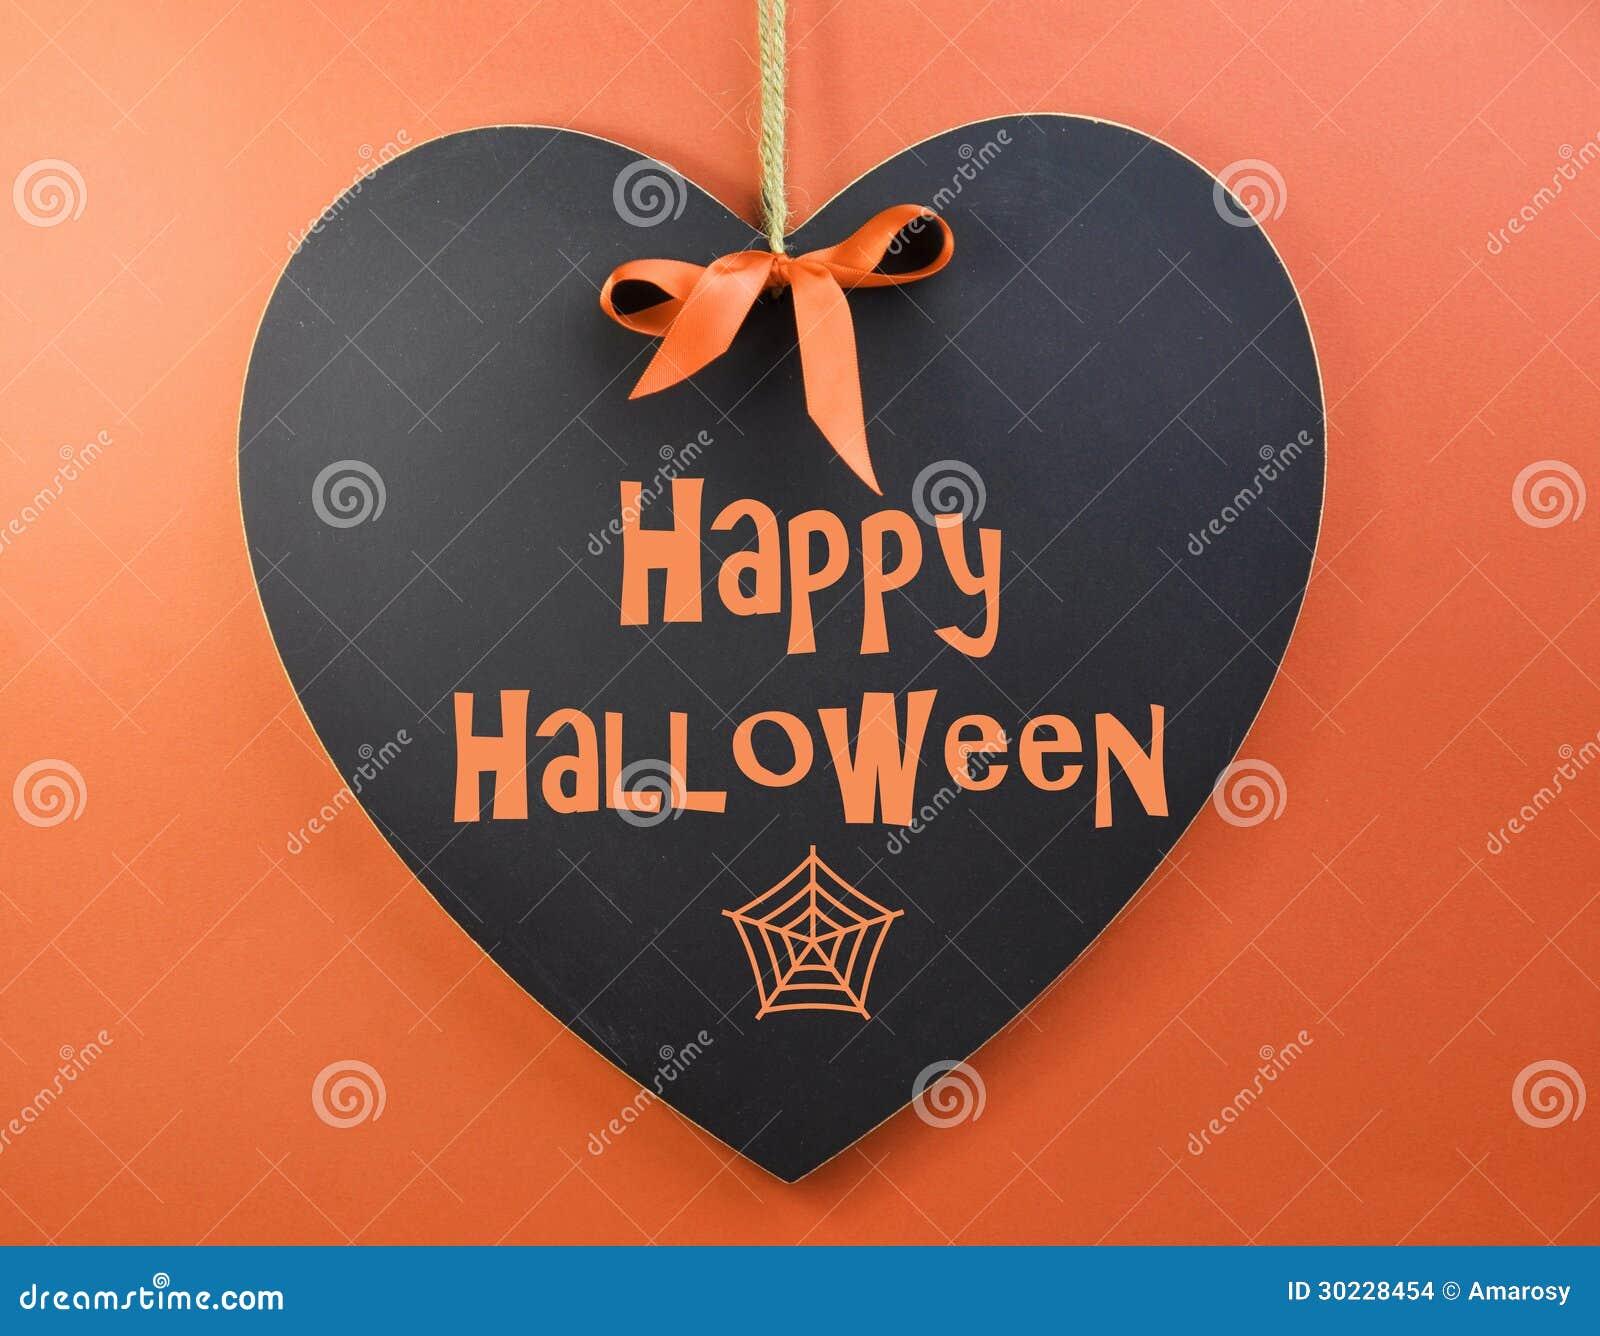 happy halloween message written on heart shape blackboard stock